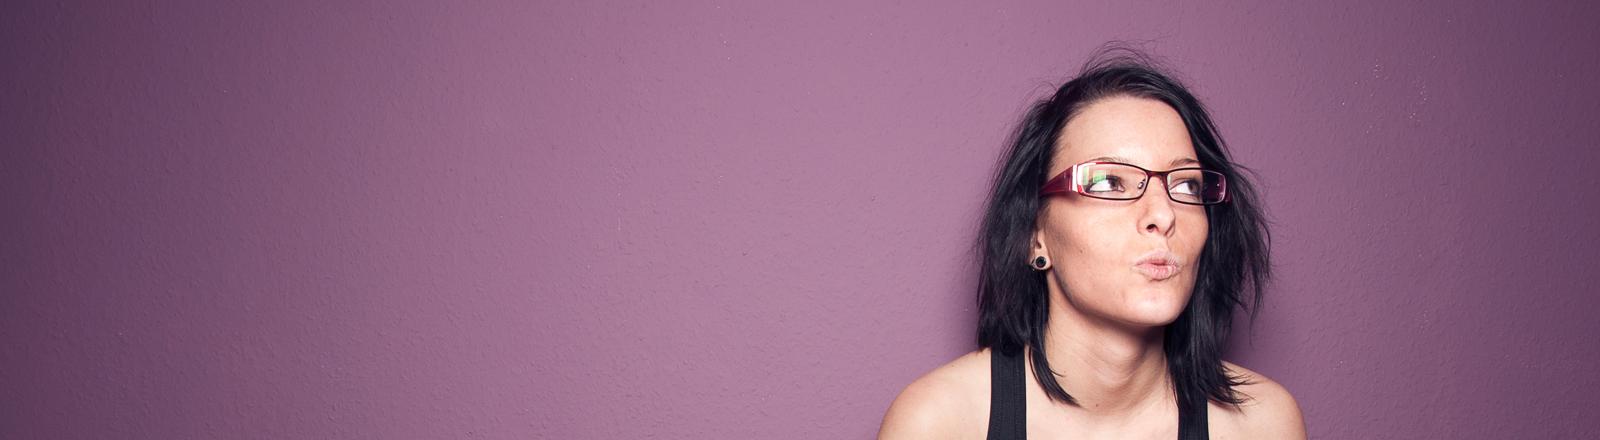 Eine Frau steht vor einer lila Wand und pfeift.